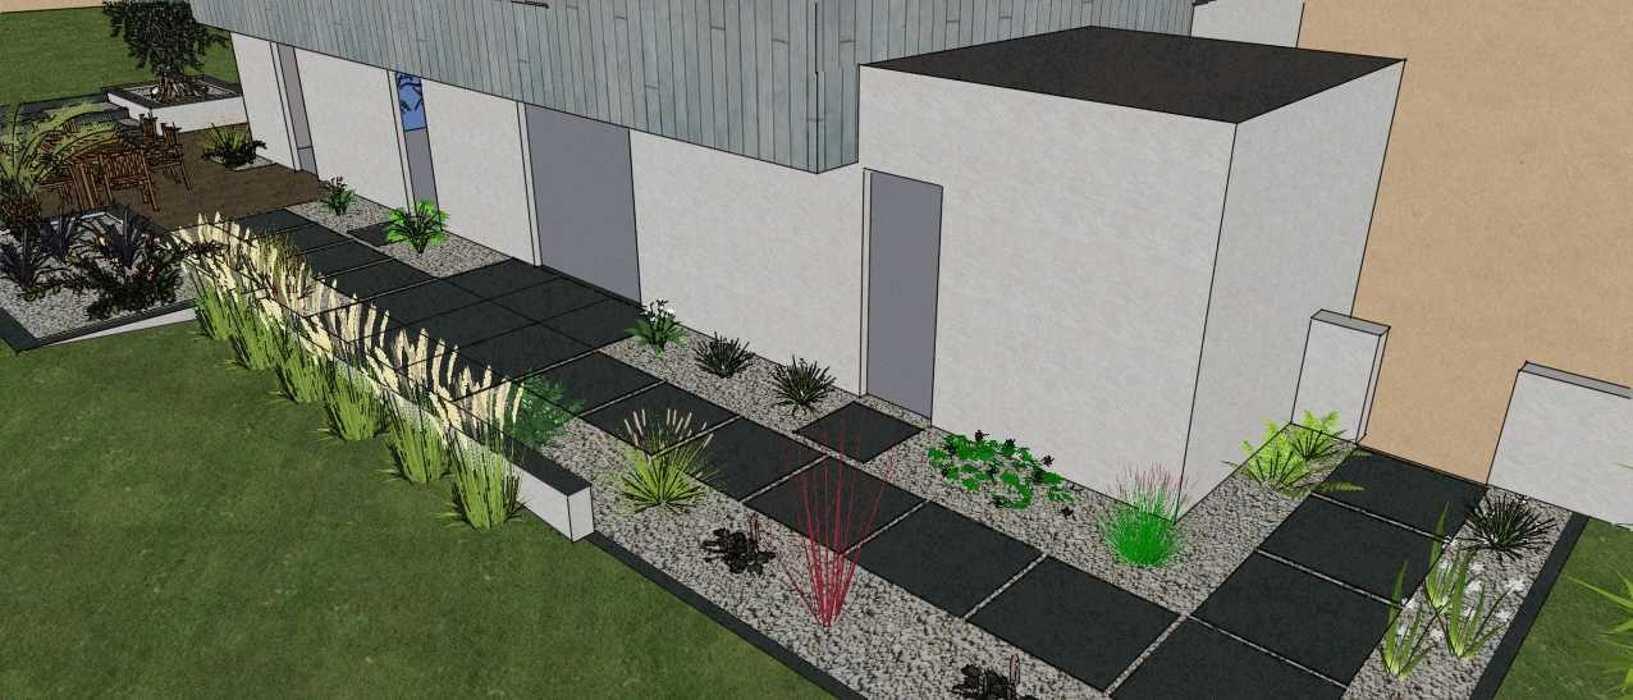 Terrasses communicantes sur différents niveaux renault3d4